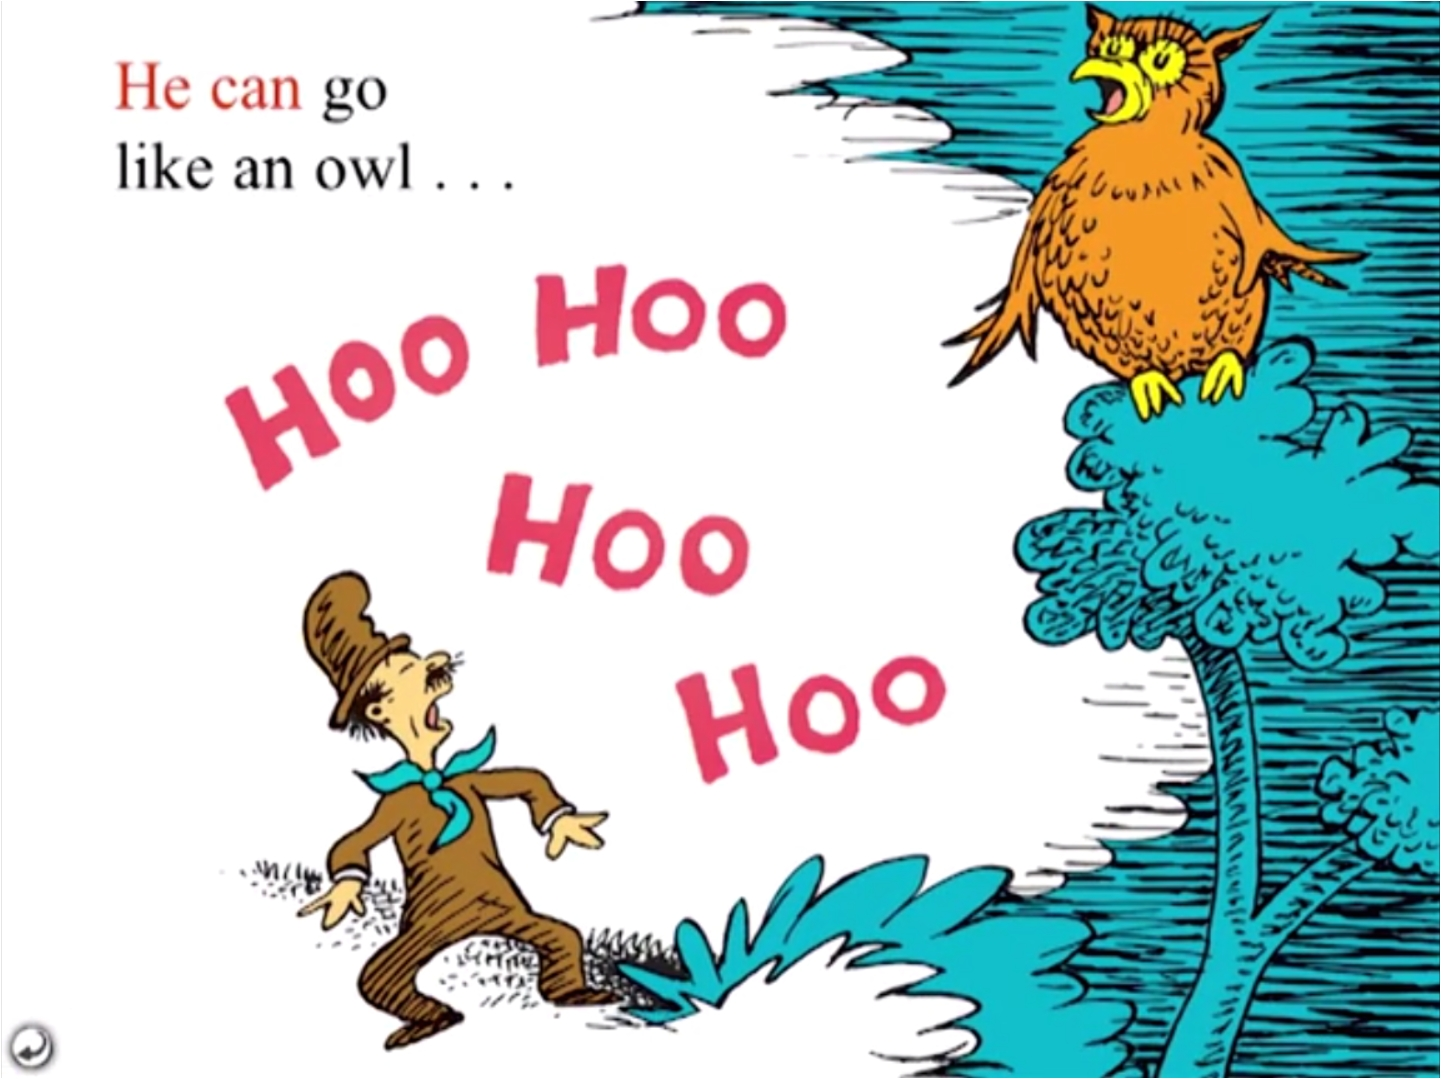 he can go like an owl hoo hoo hoo hoo png